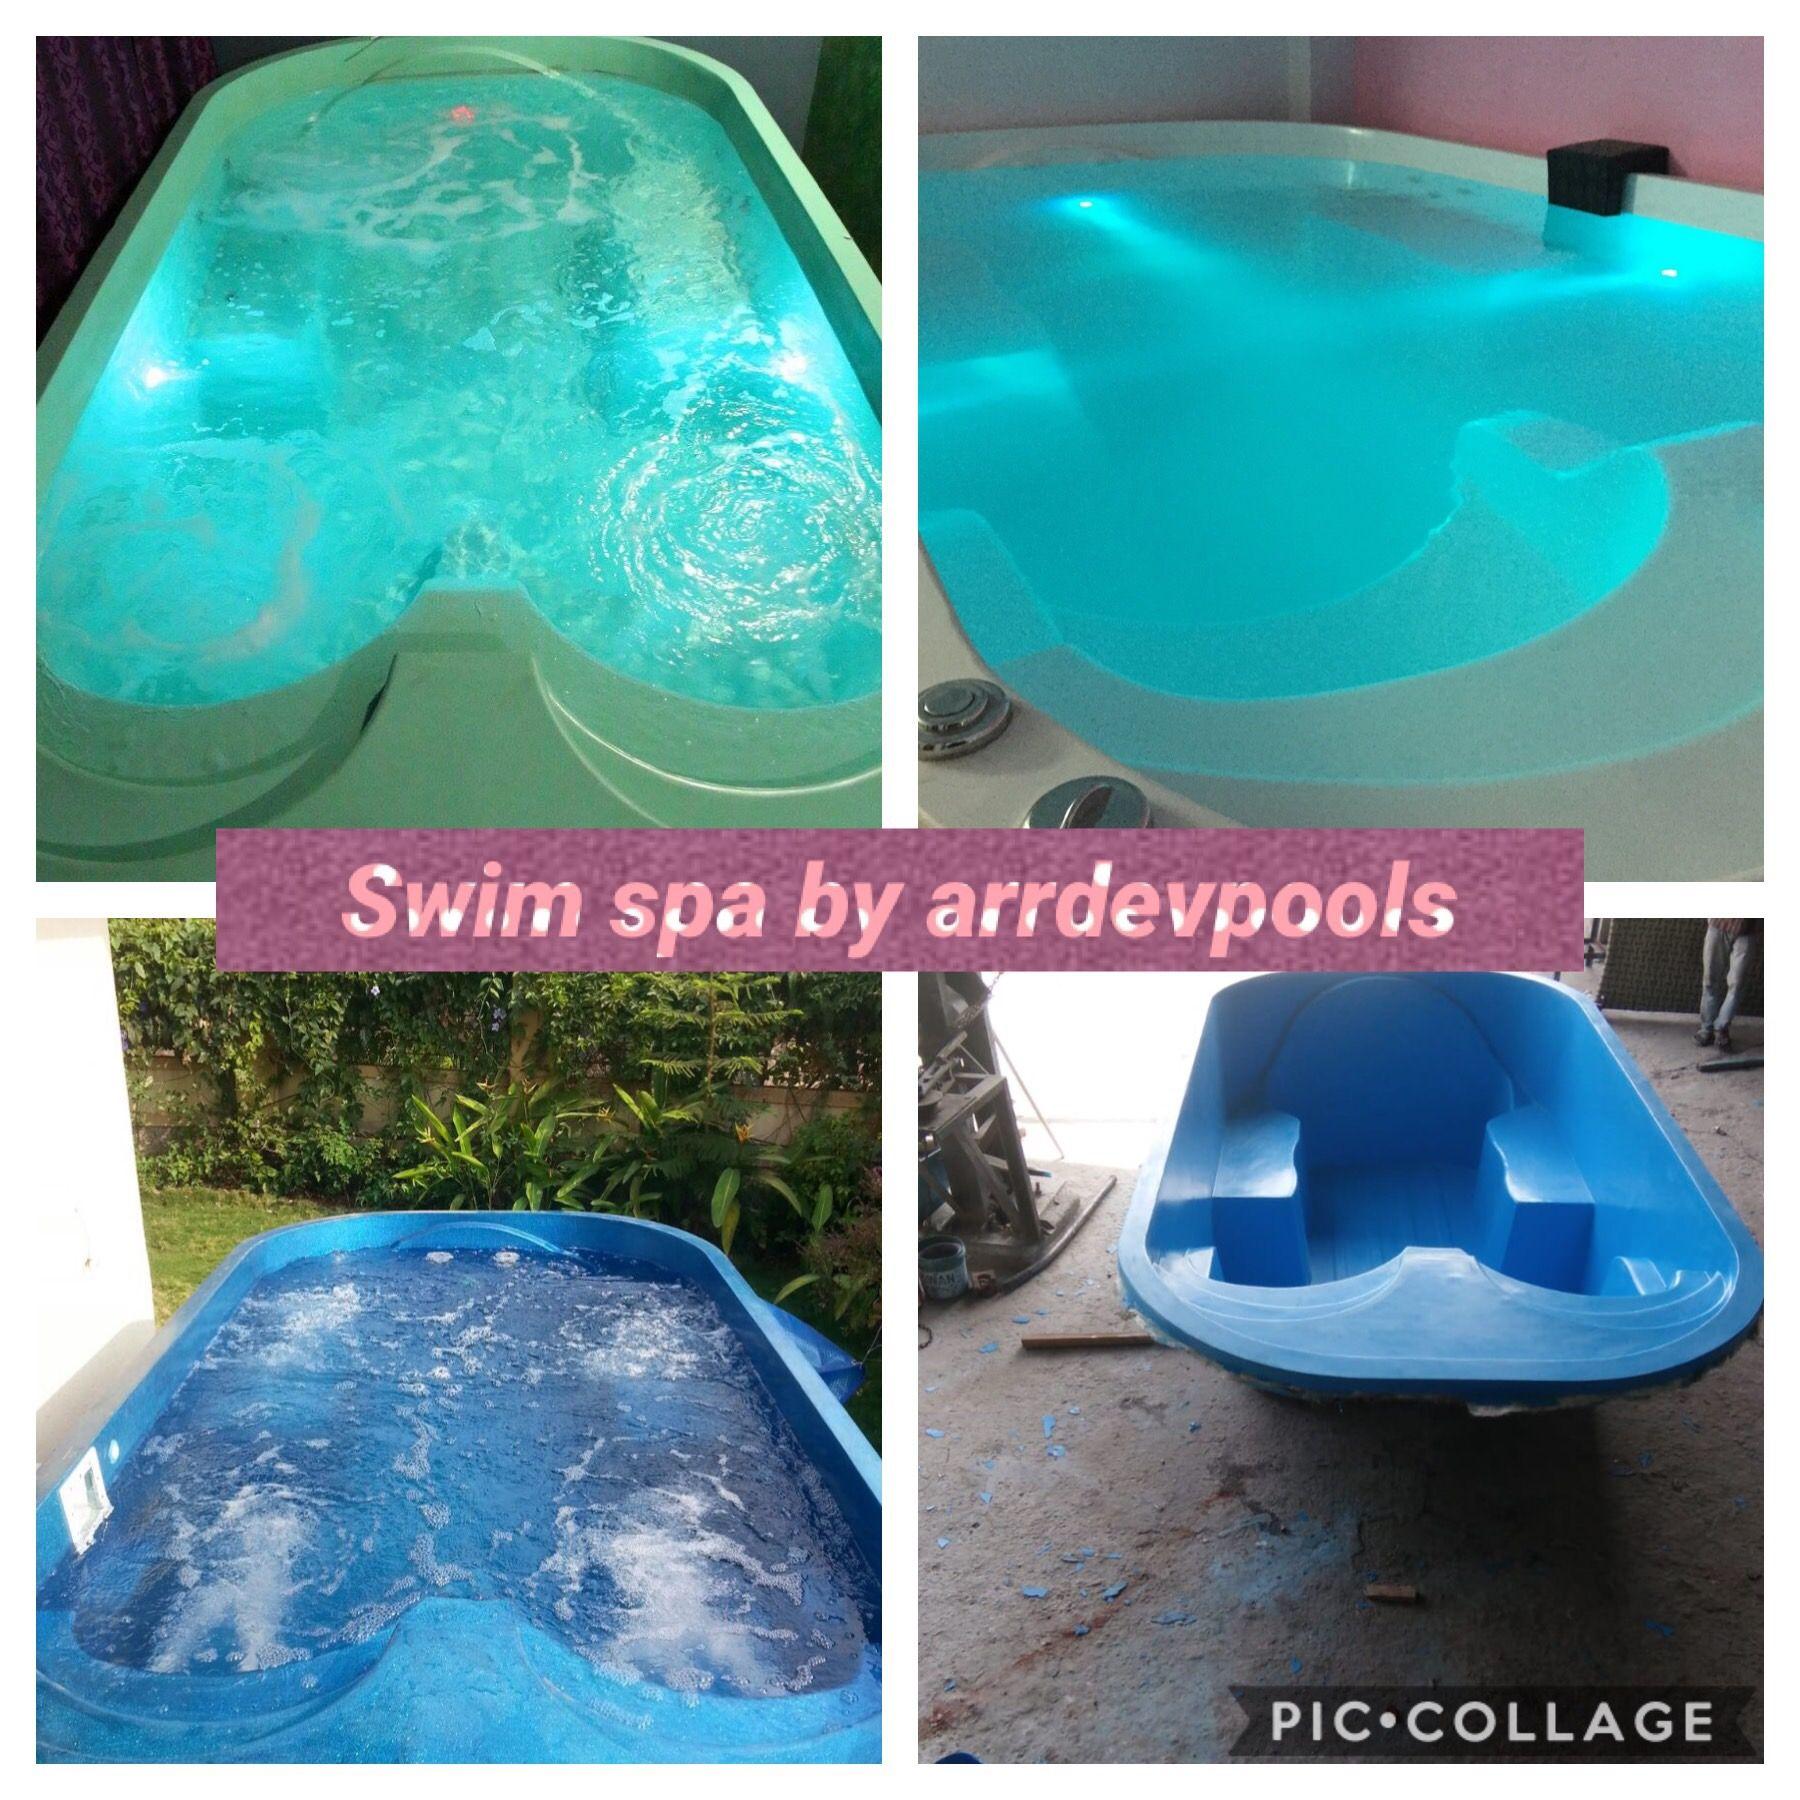 Pin By Arun Tyagi On Roof Top Swimming Pool Installation Pool Installation Swimming Pool Installation Swim Spa